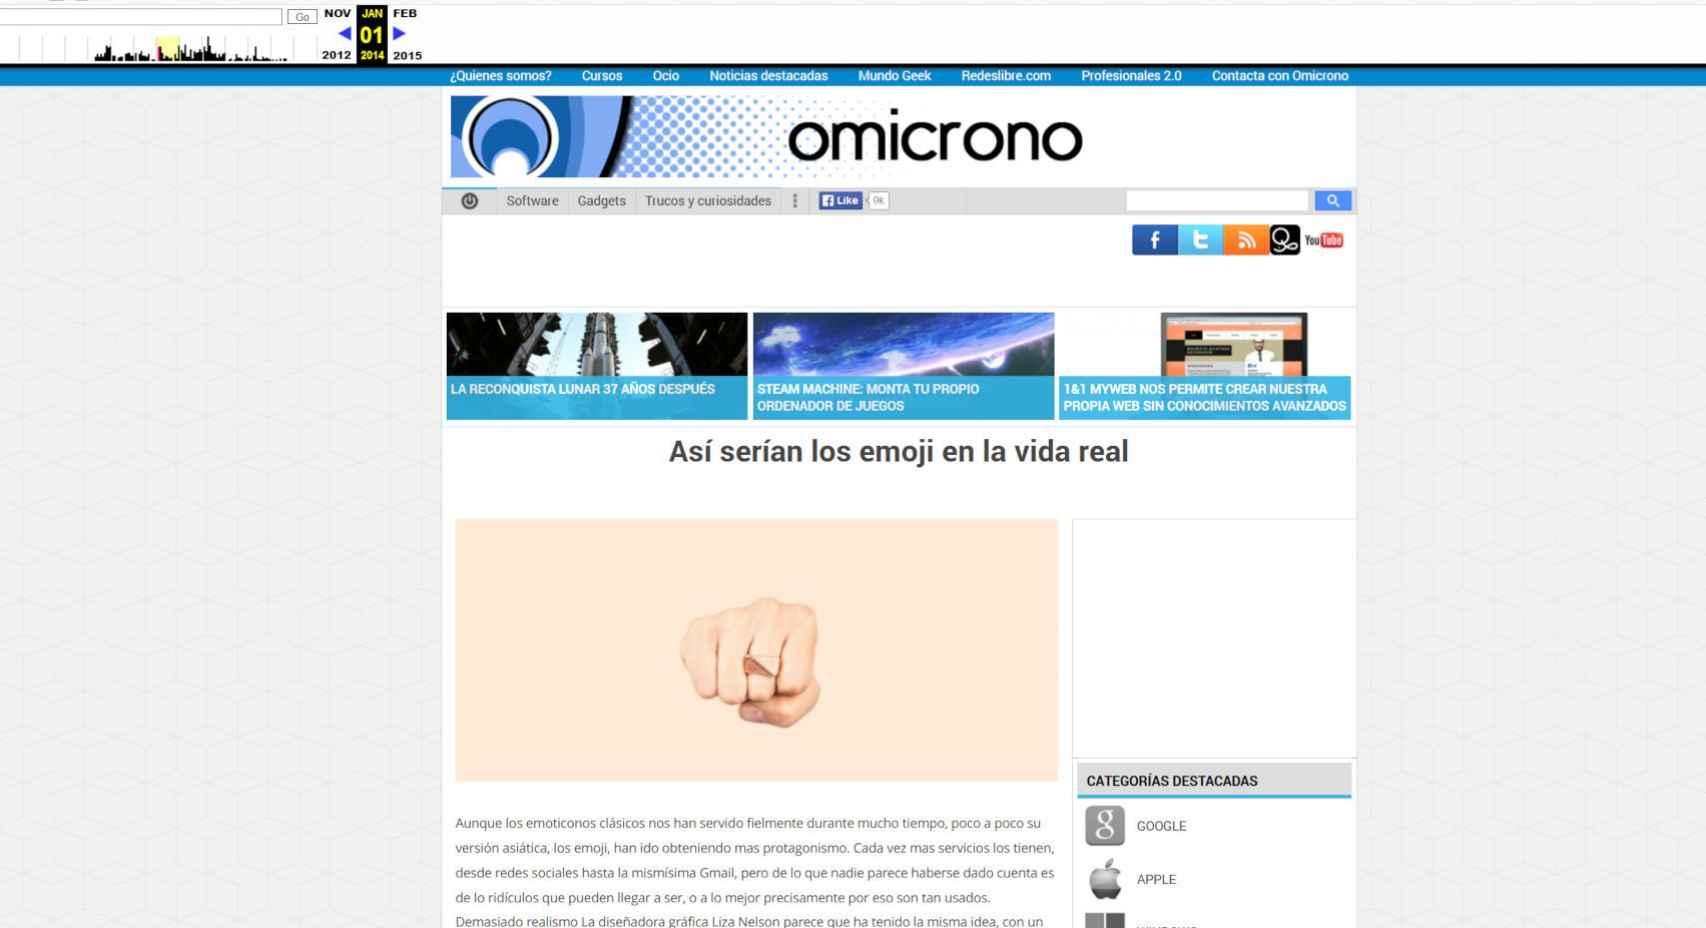 Página de Omicrono en 2014, almacenada en Internet Archive